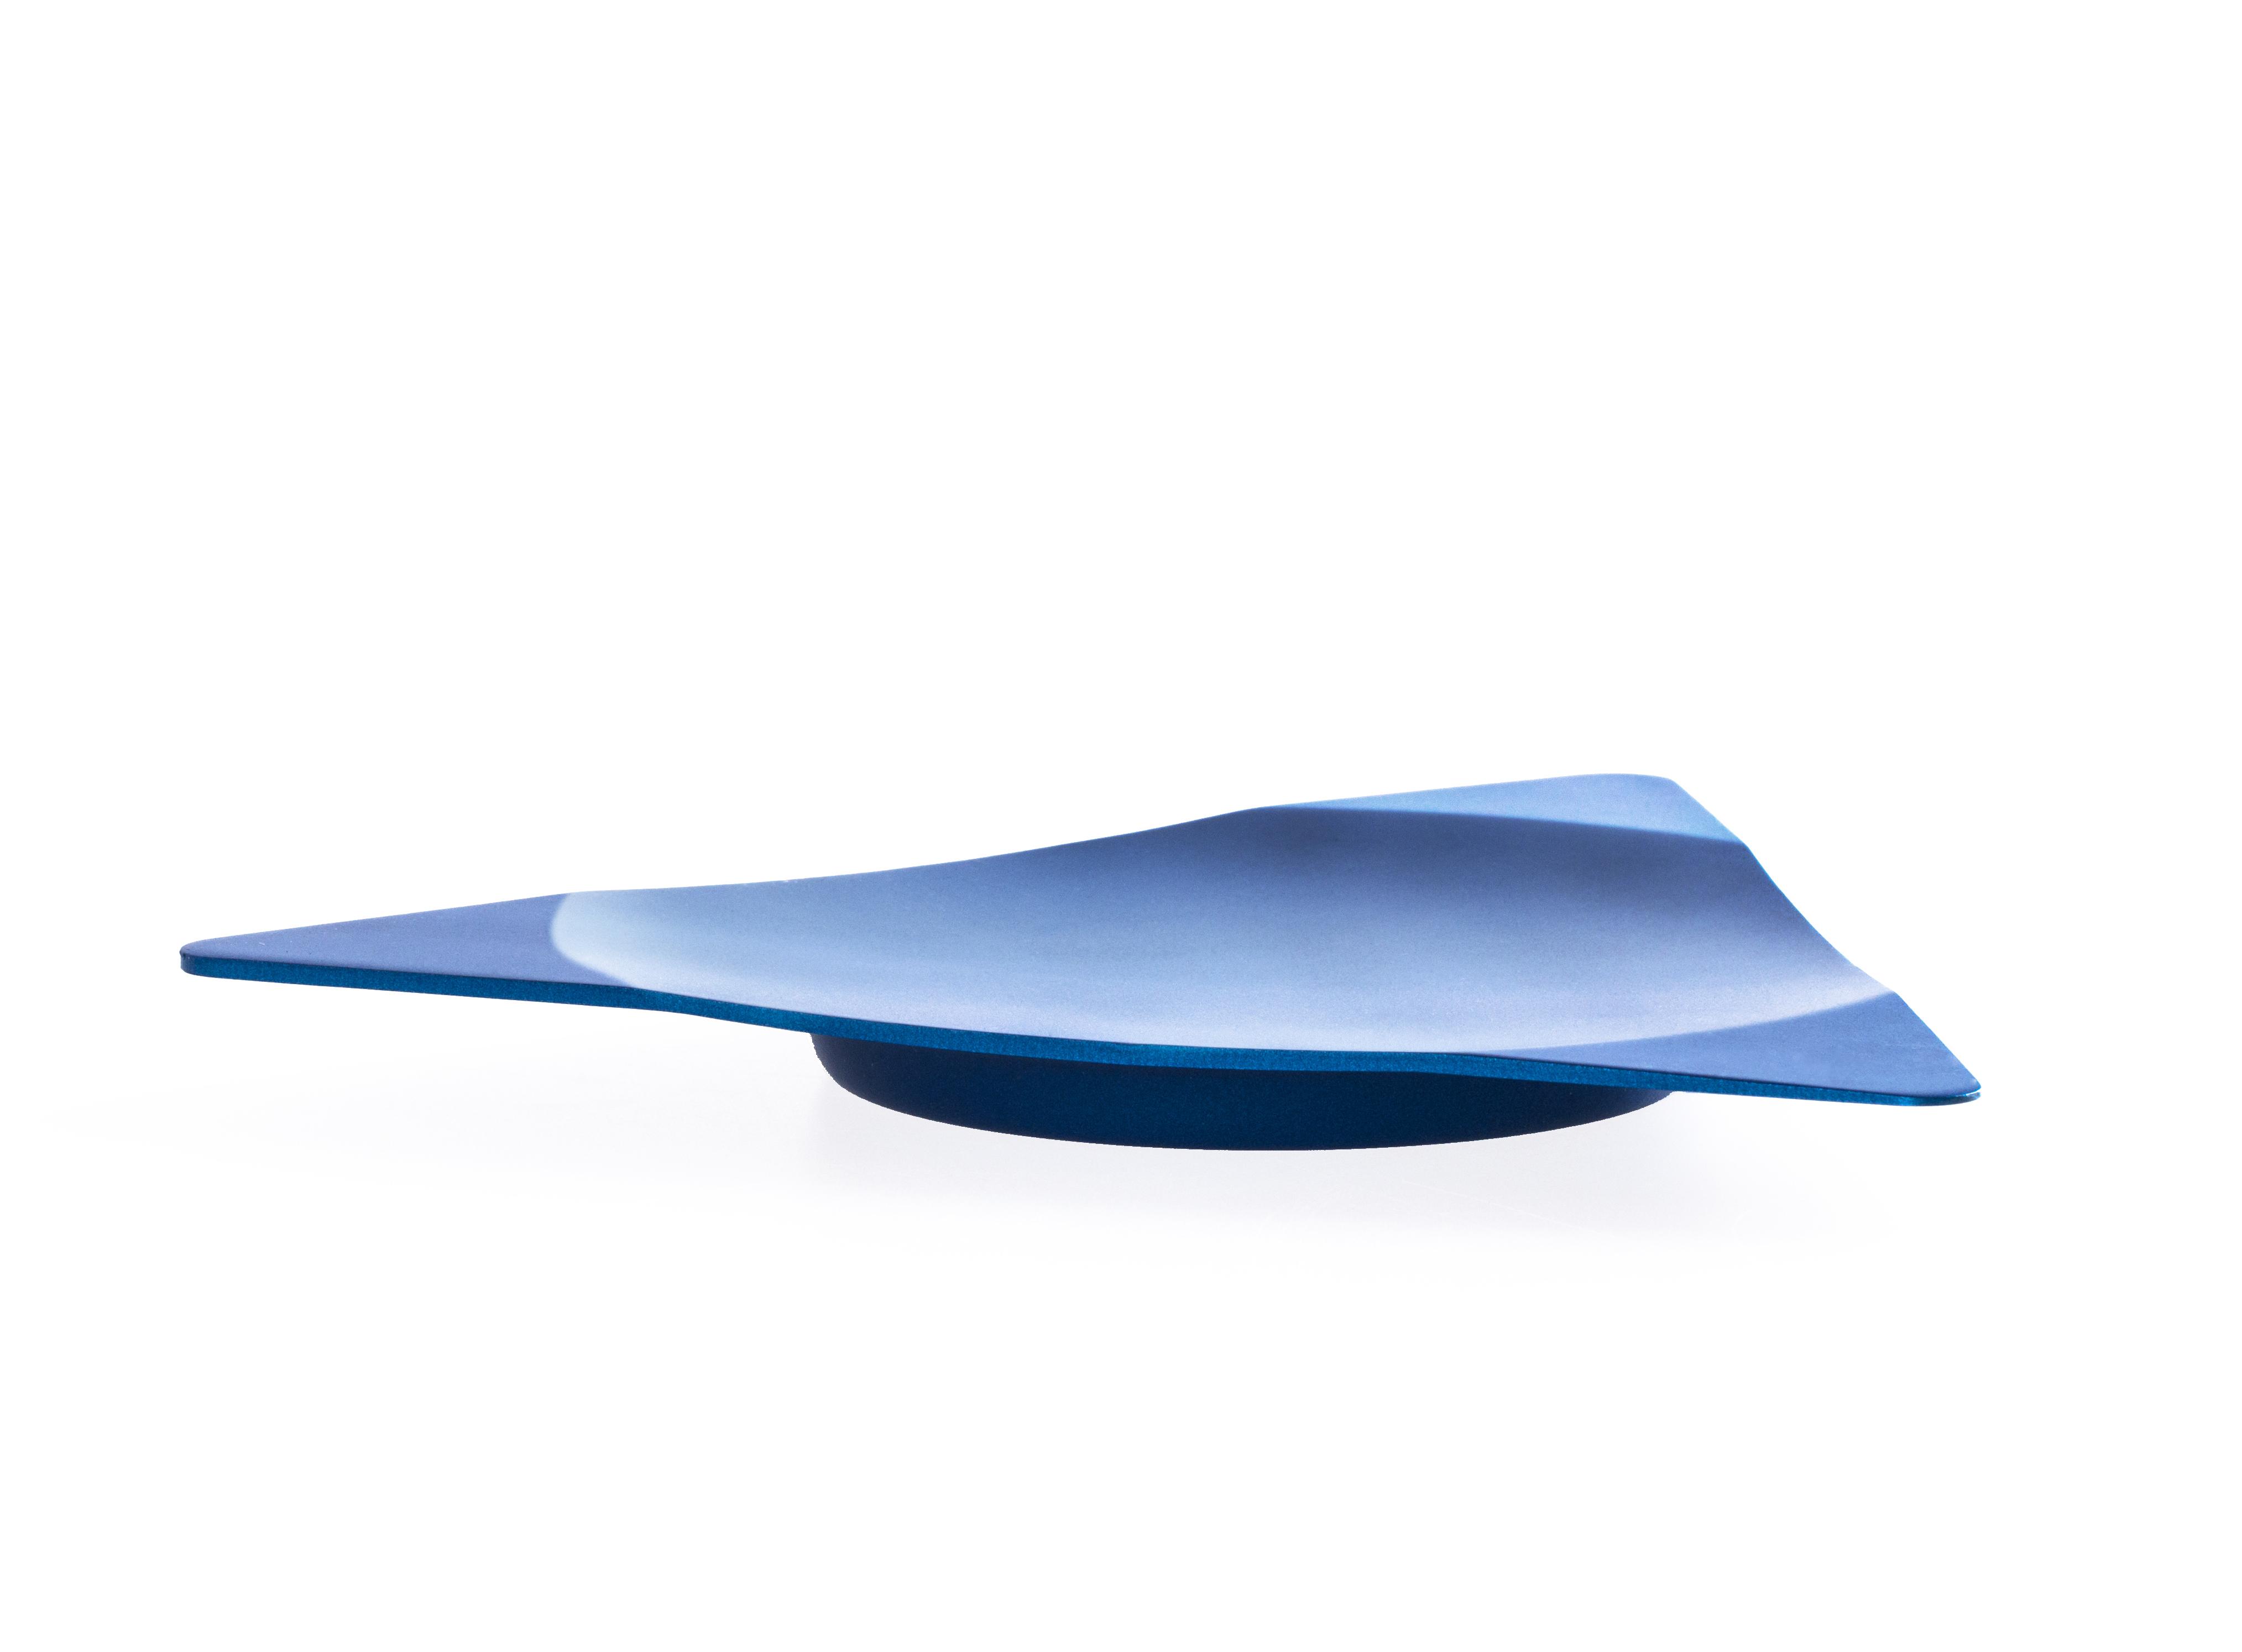 Triangle Side Plate